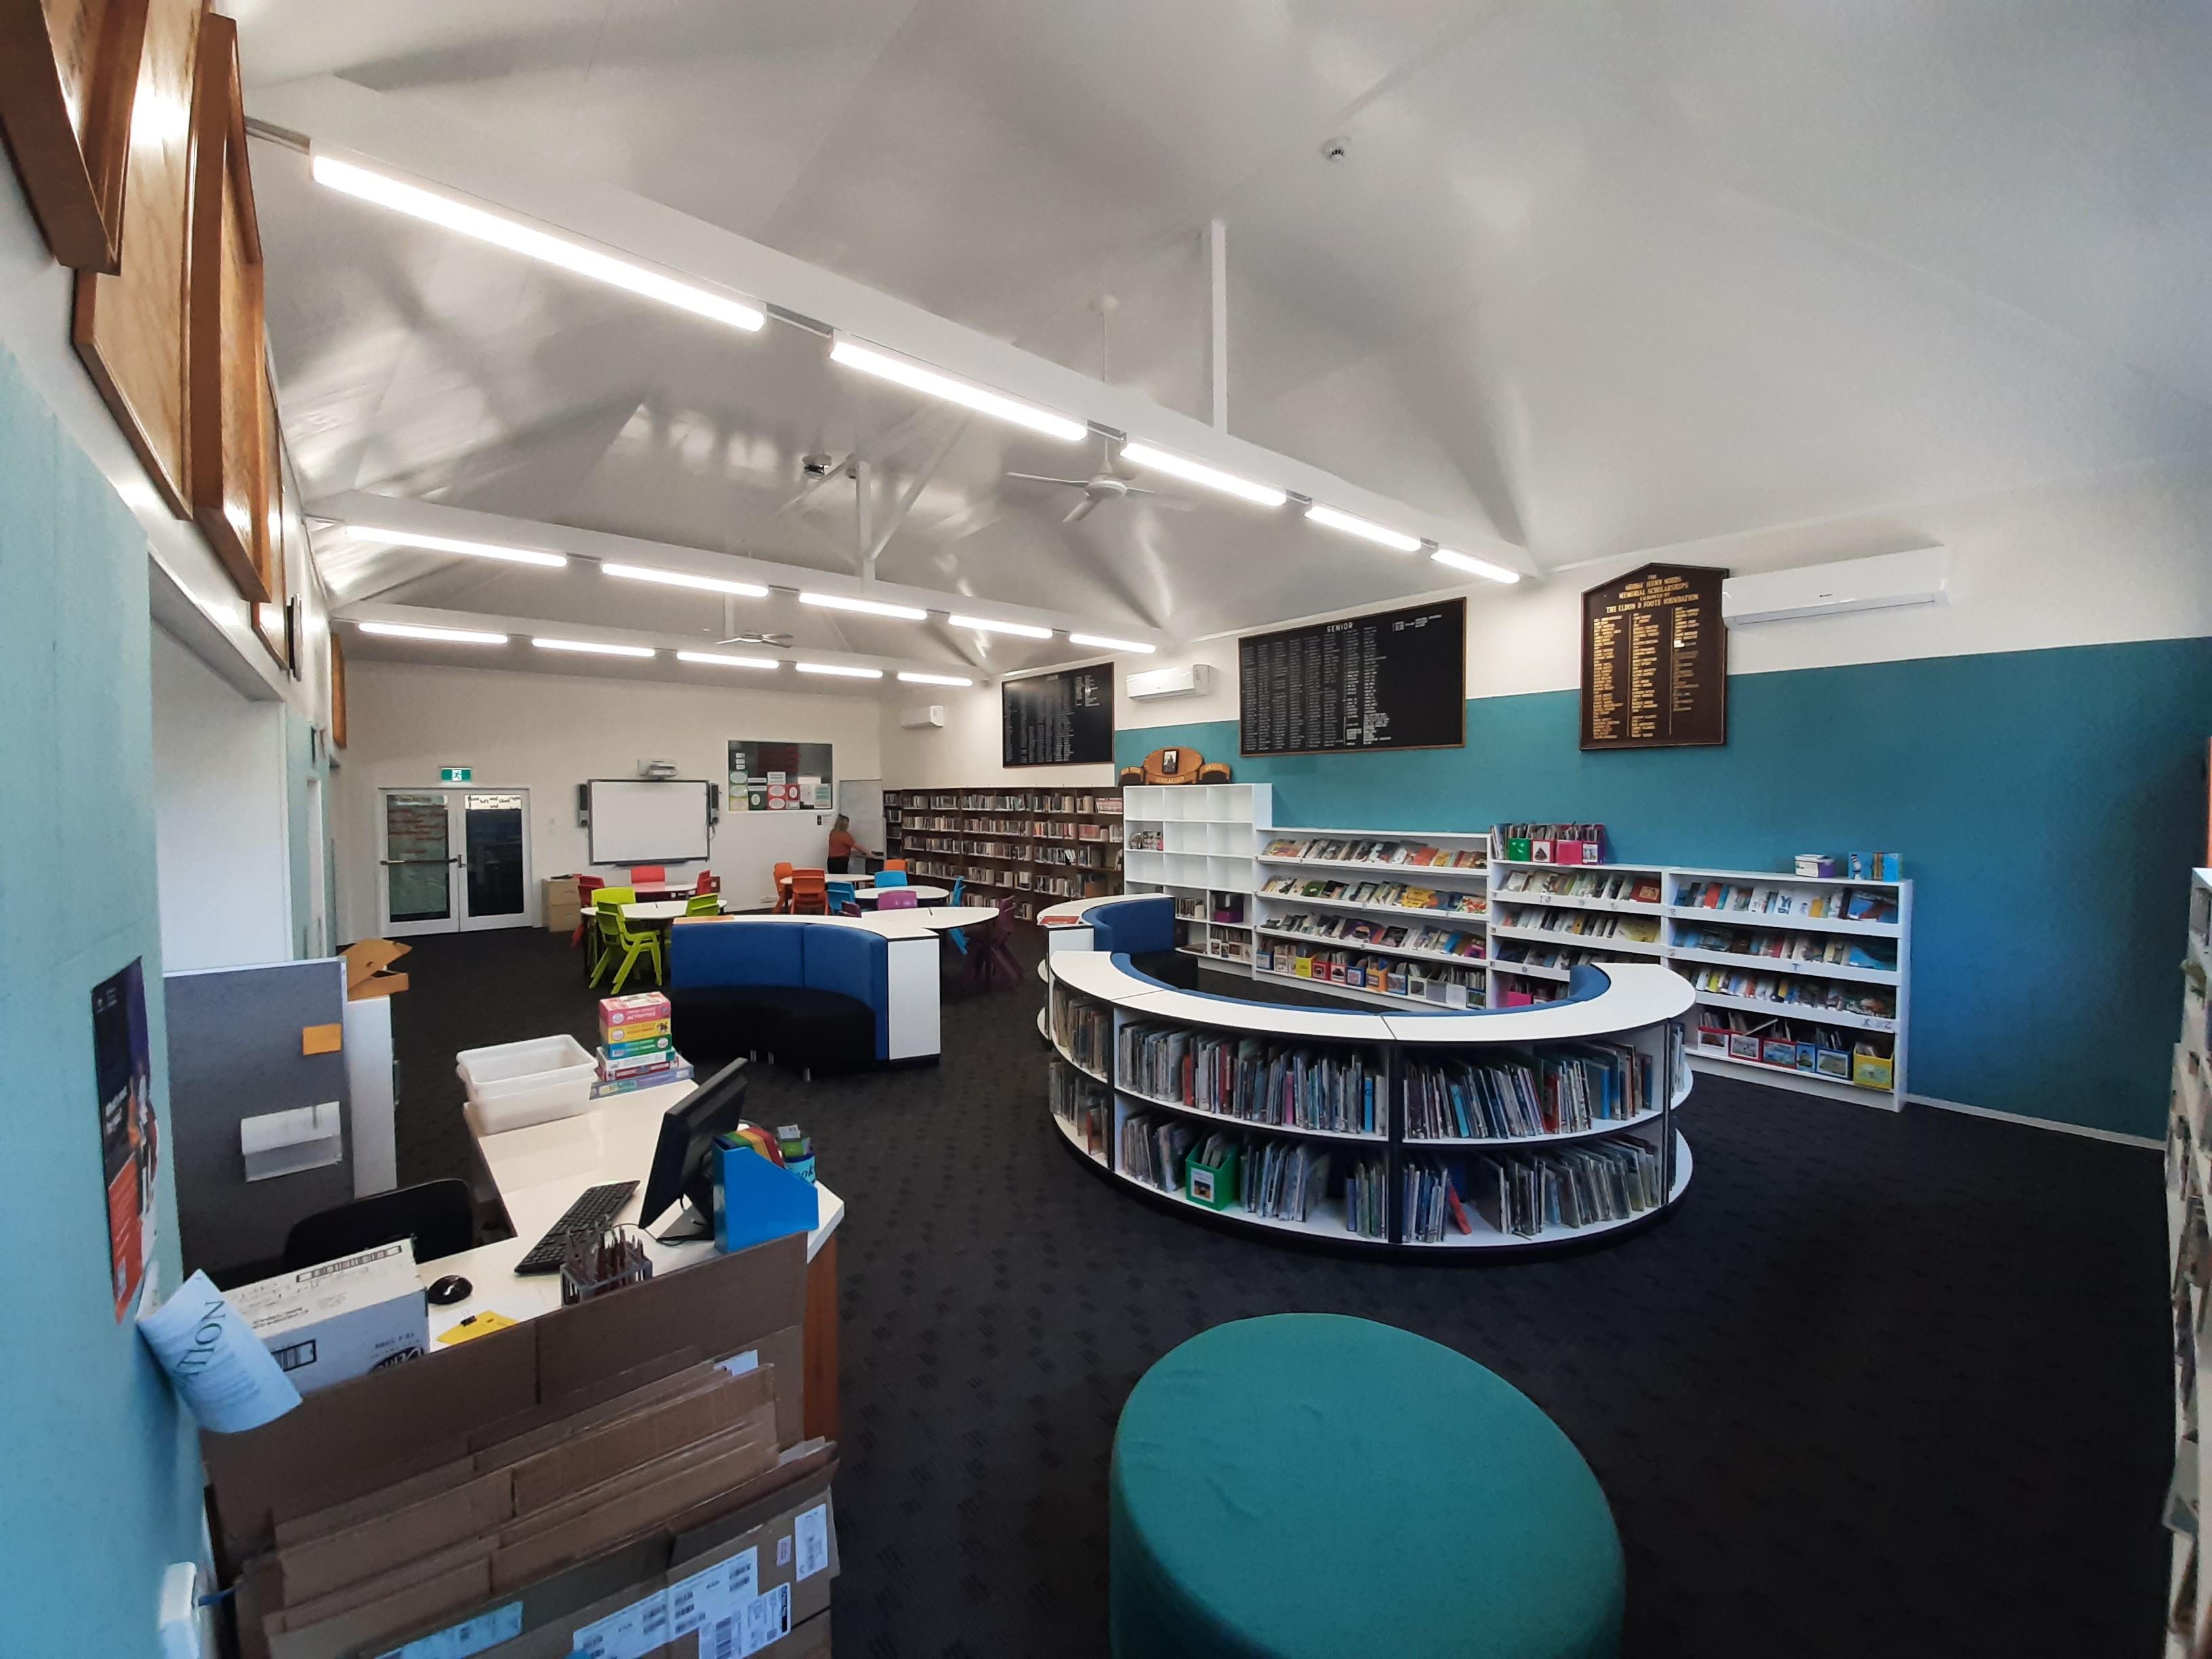 AvenueIS_NorfolkIslandCentralSchool (2)